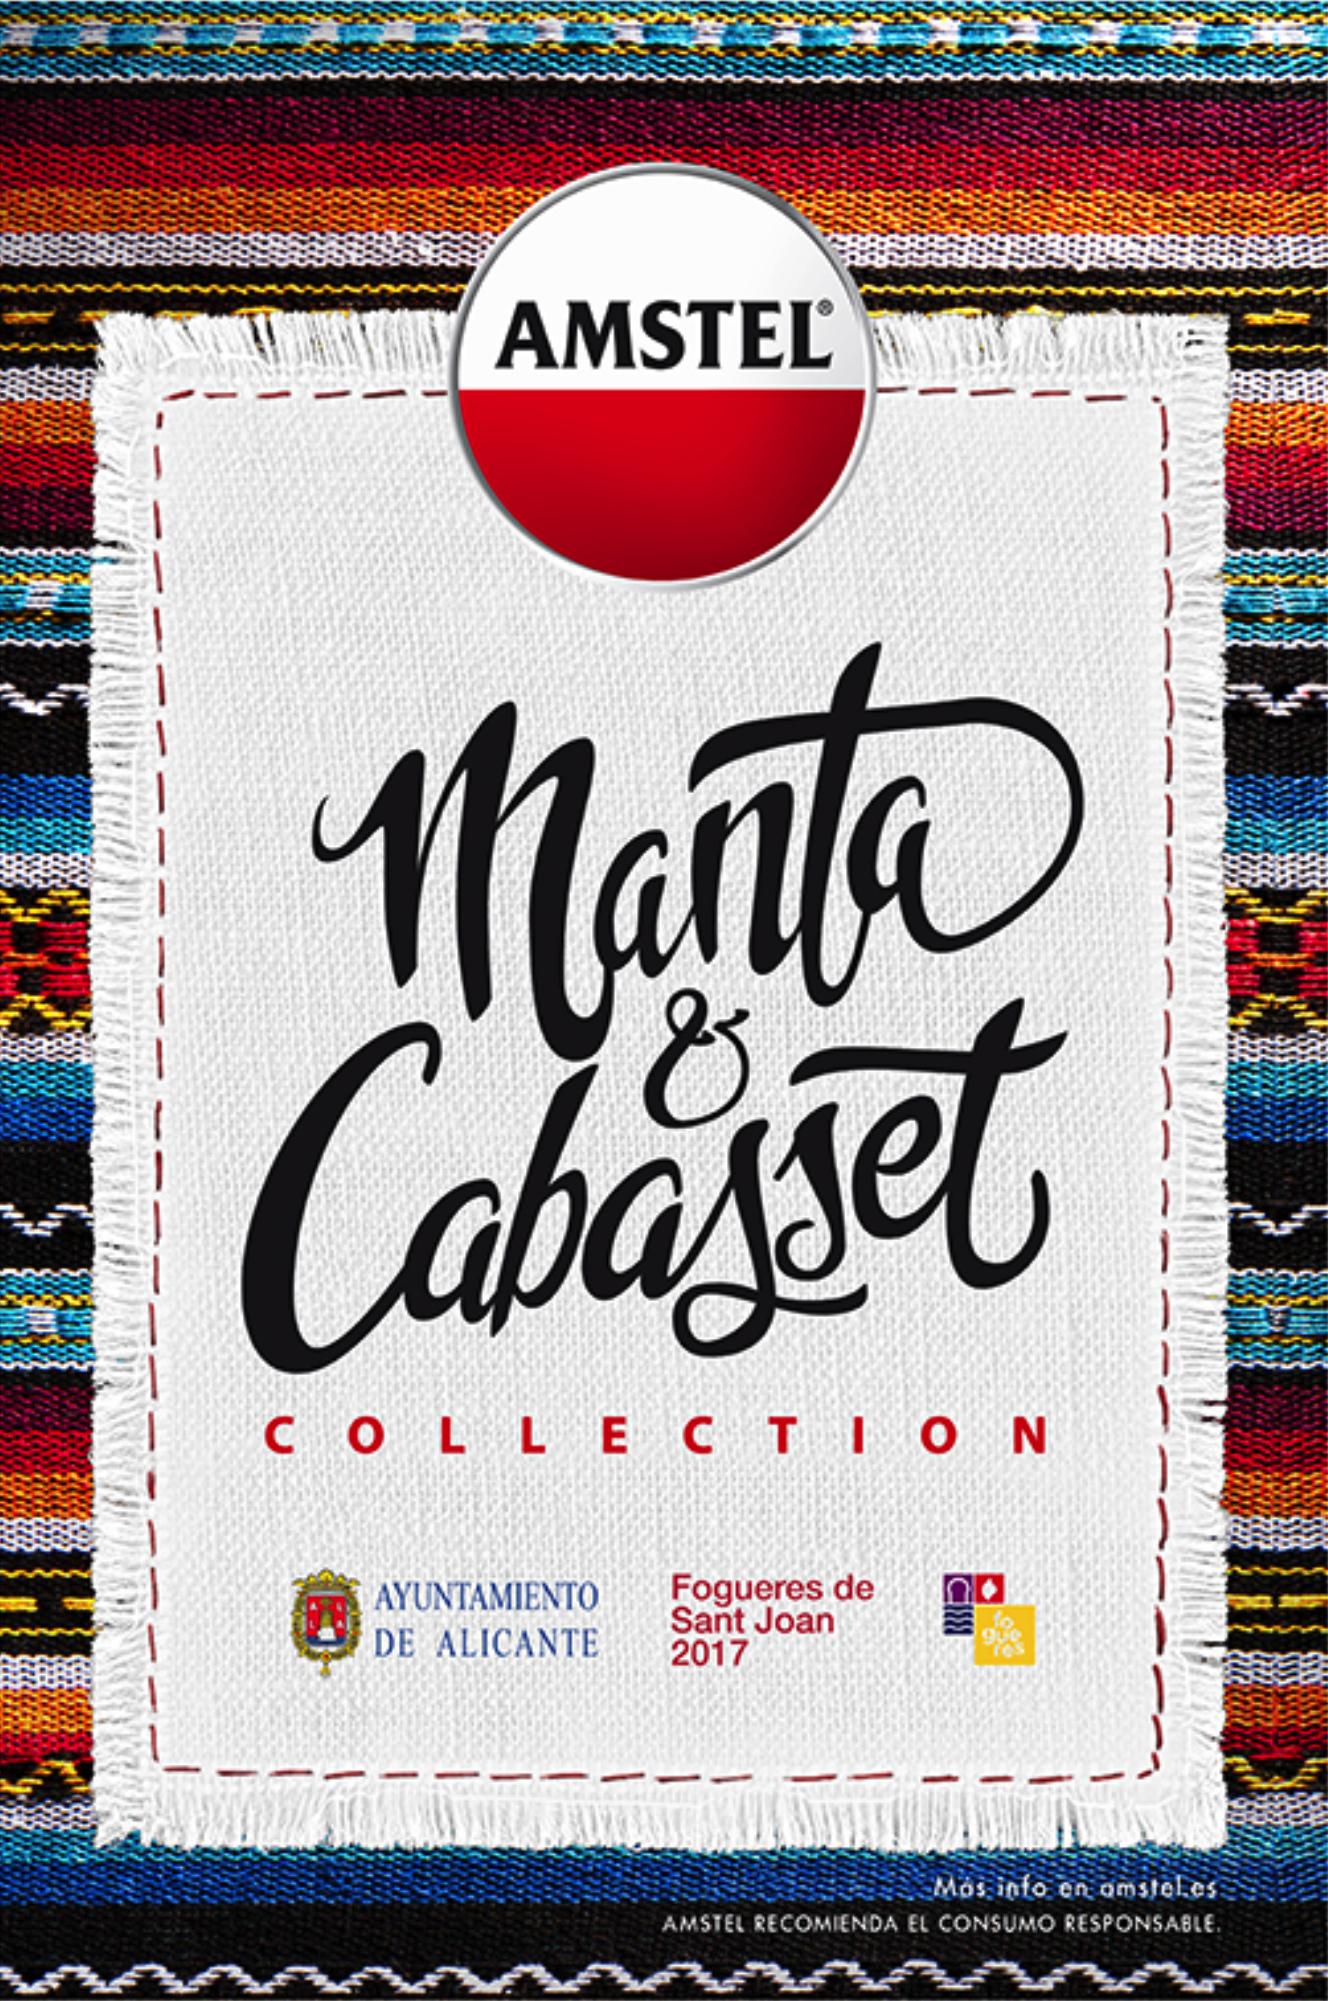 Amstel reúne artes plásticas, moda y pirotecnia el próximo 17 de junio en la plaza de los Luceros